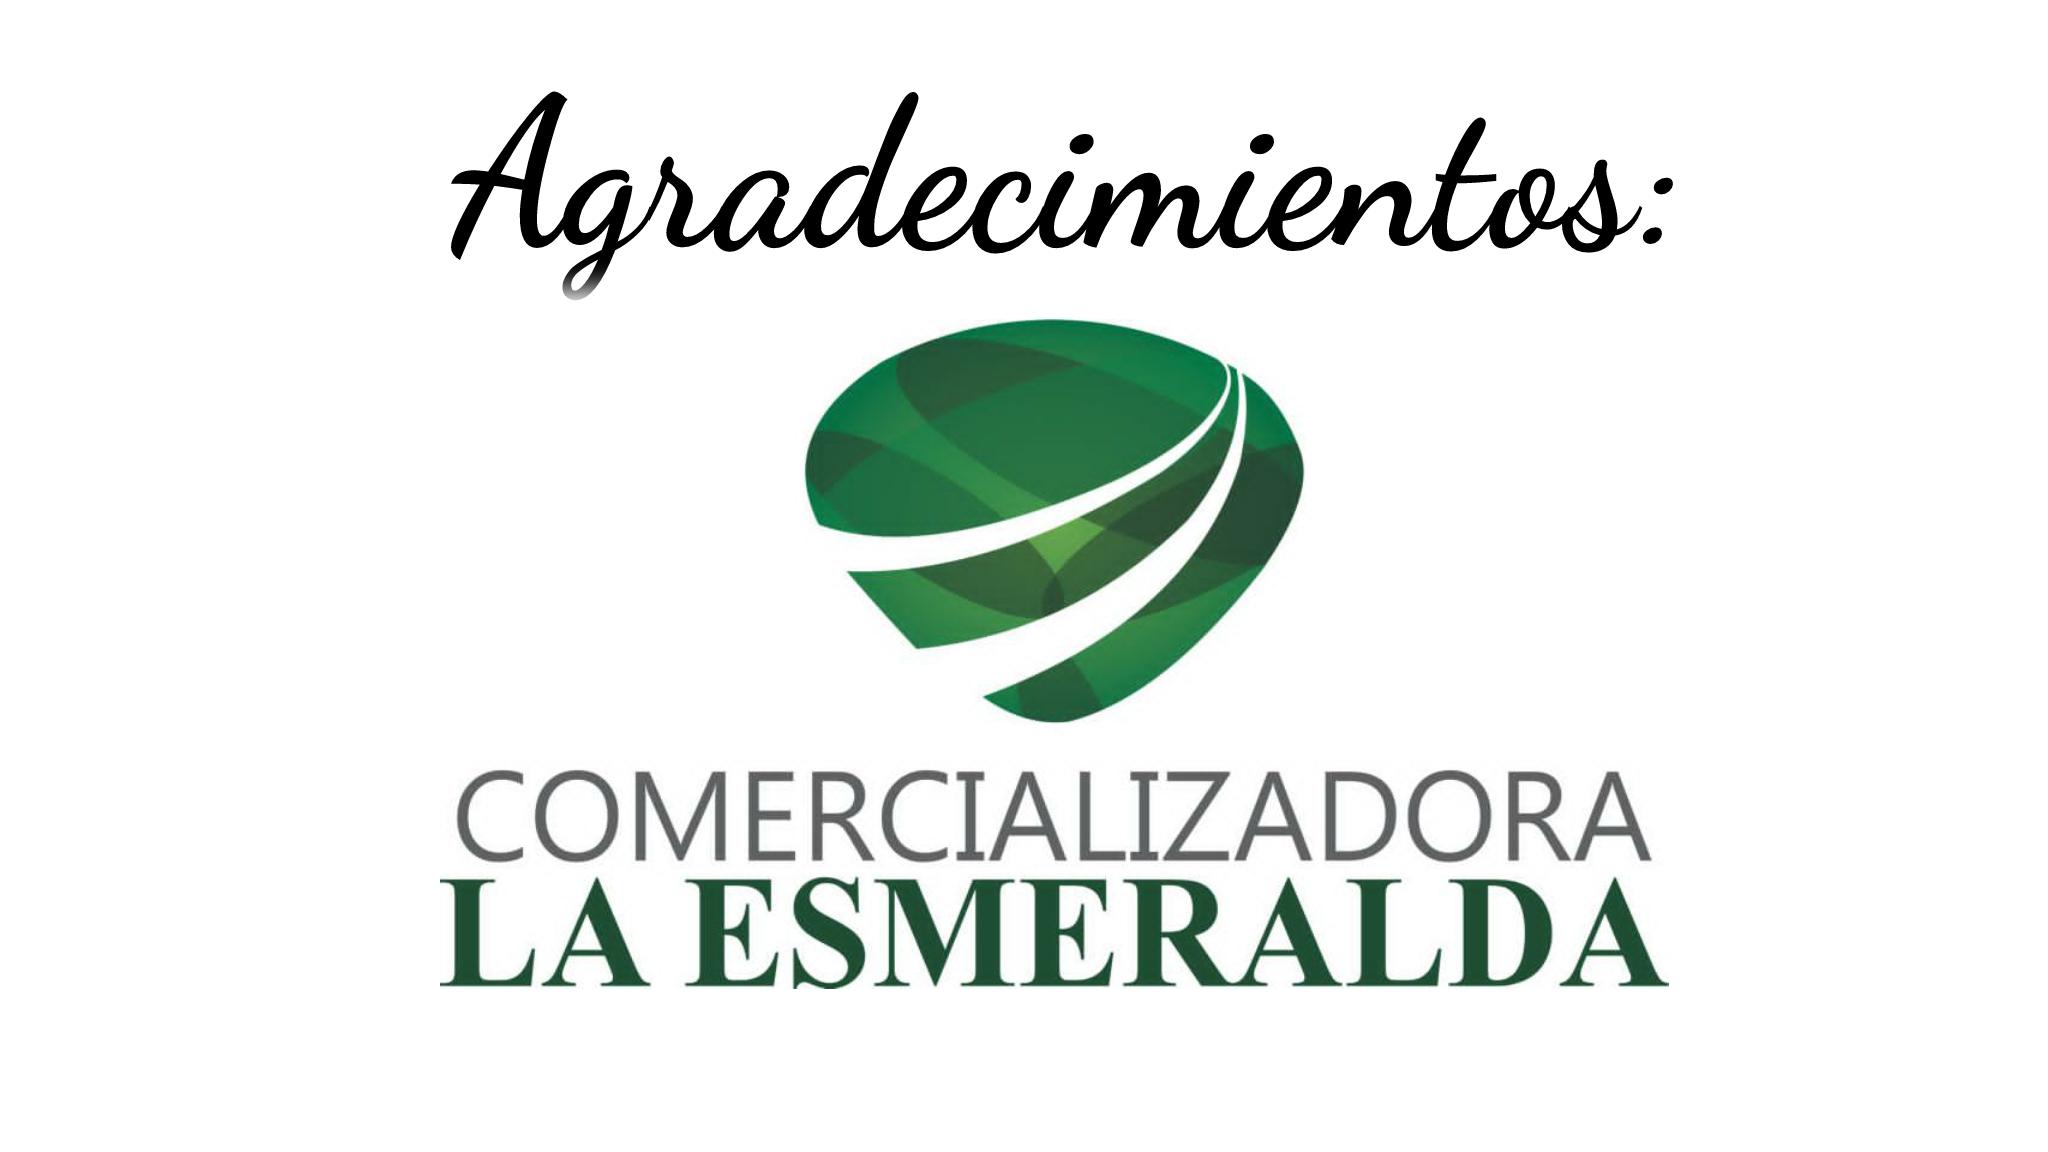 Comercializadora La Esmeralda